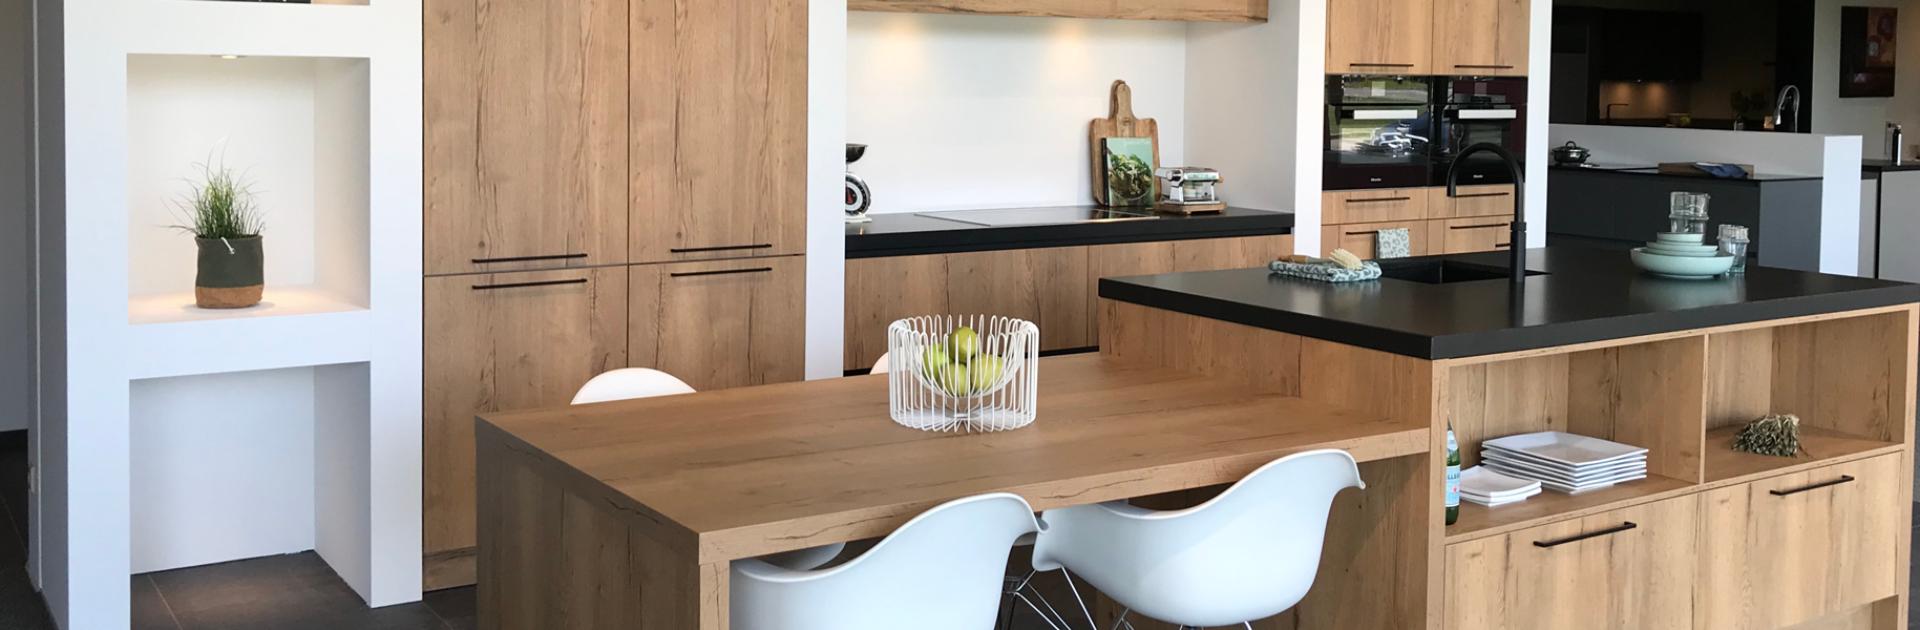 Luxe aanbod | Satink Keukens